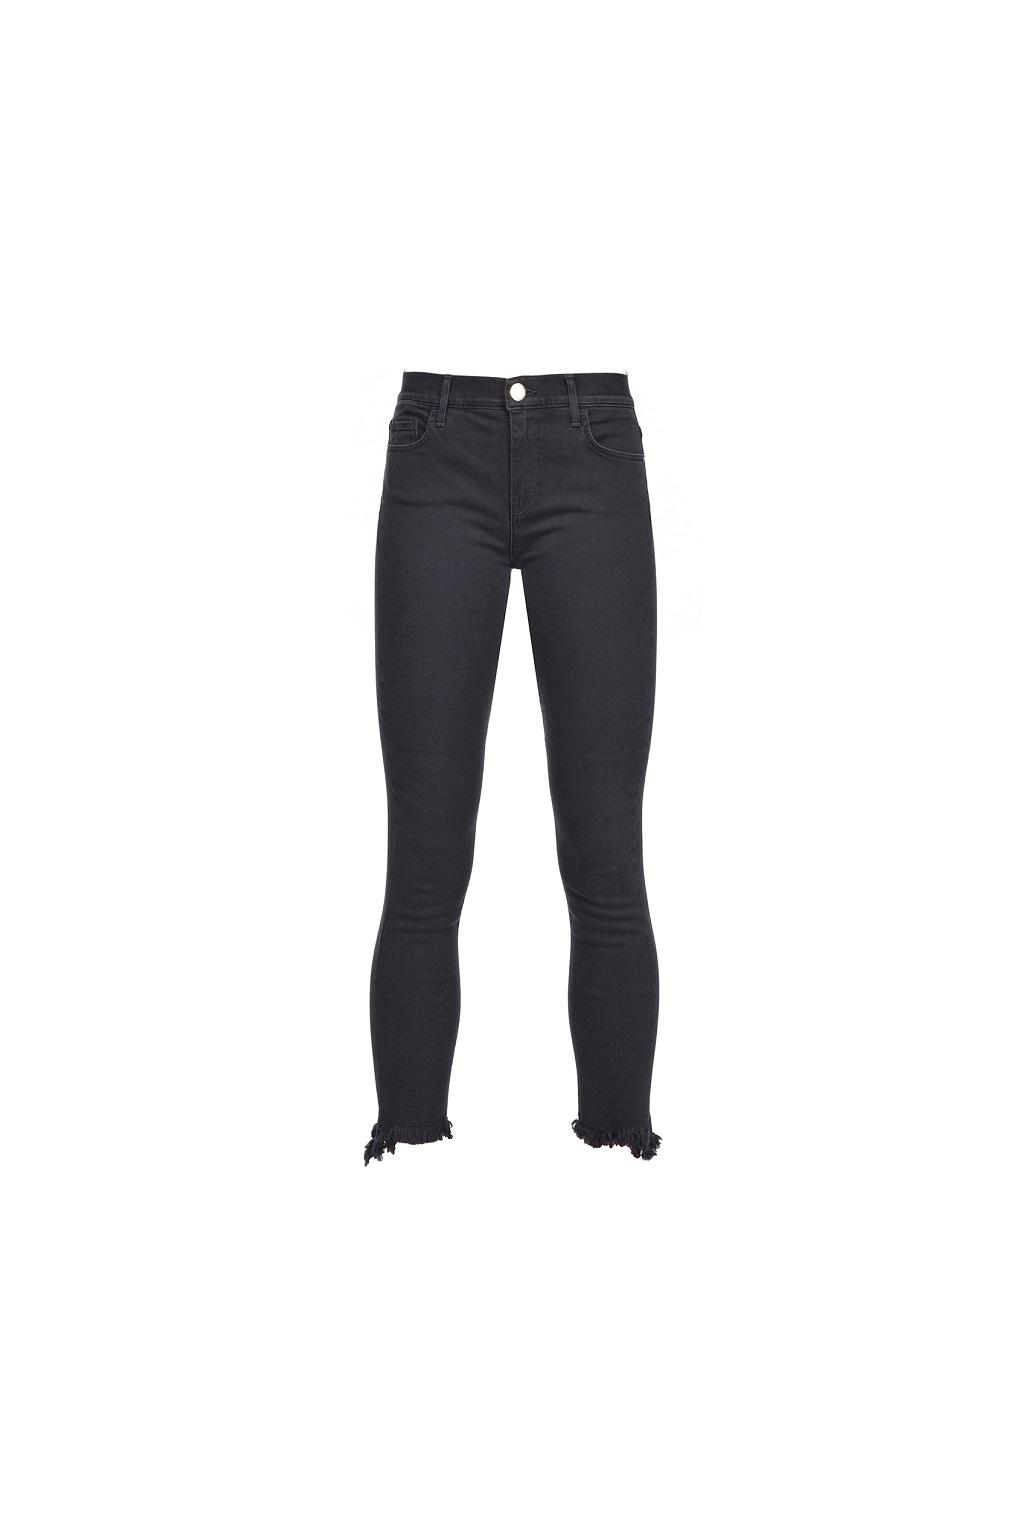 1J10KJY6VL Z99 Dámské džíny Pinko Sabrina 31 černé